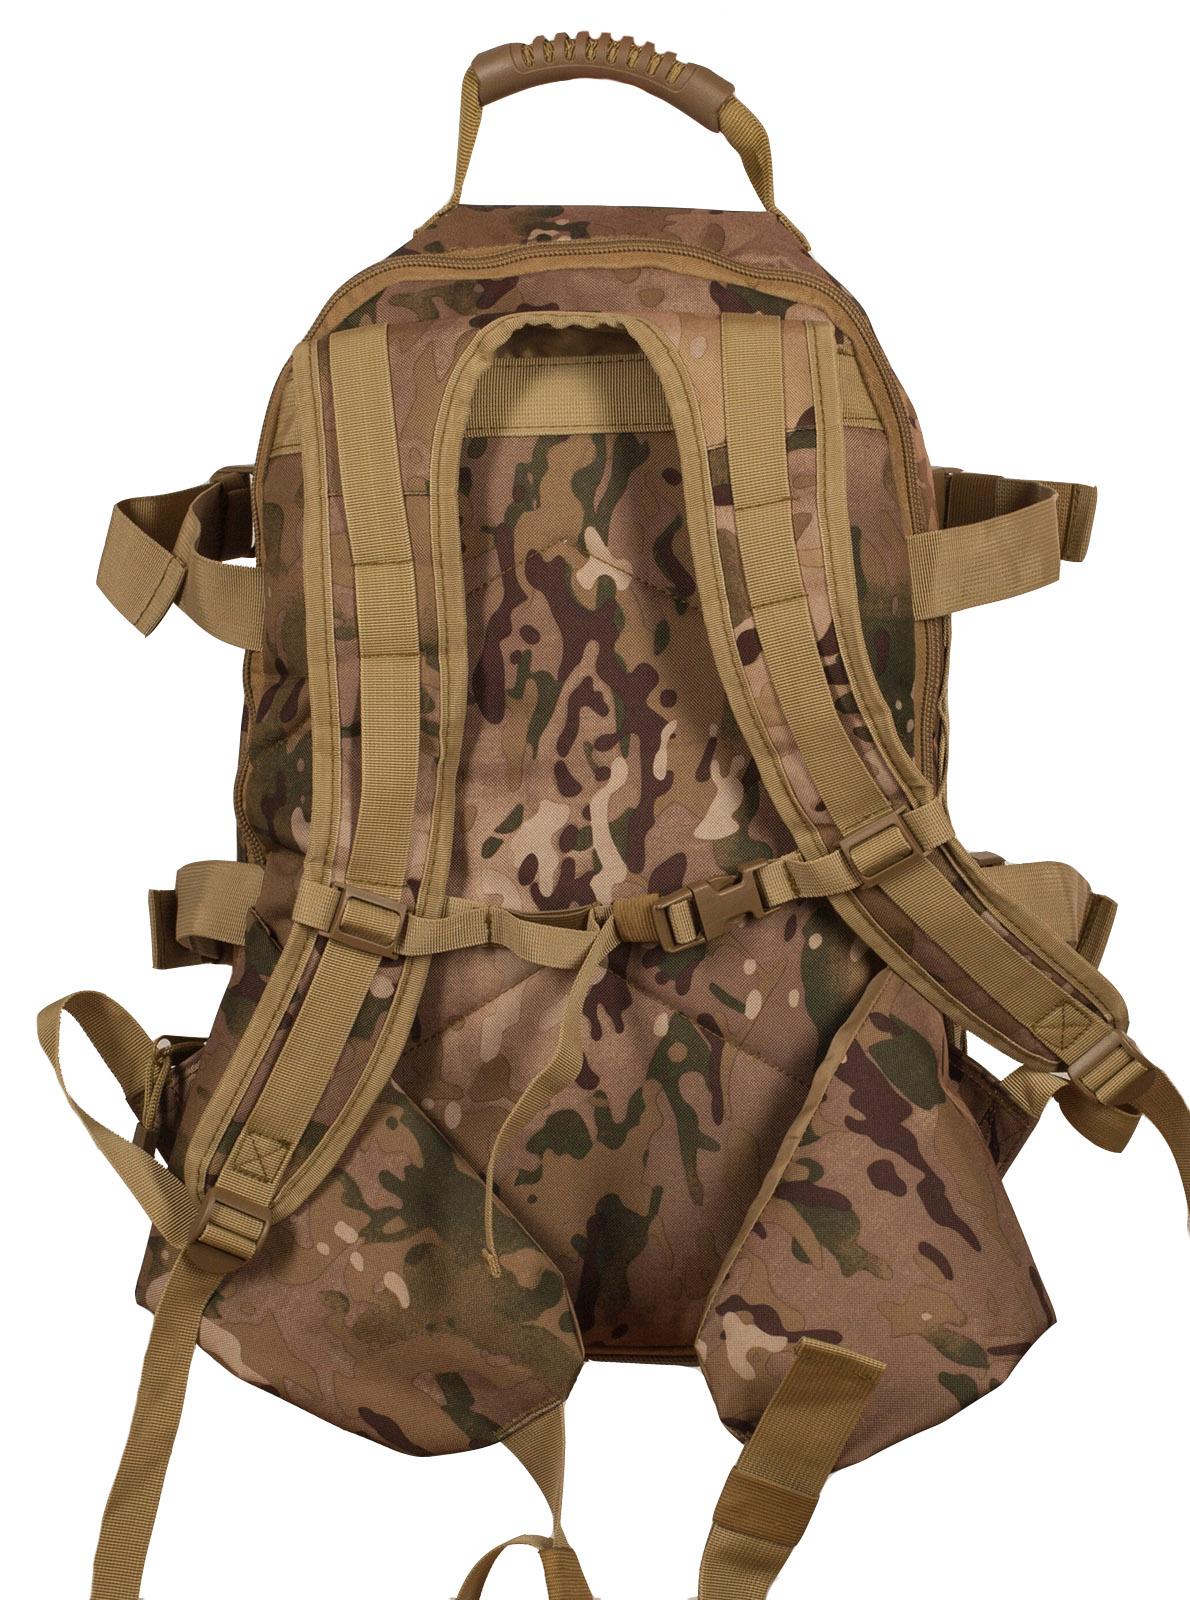 Камуфляжный тактический рюкзак с шевроном Охотничьего спецназа купить оптом